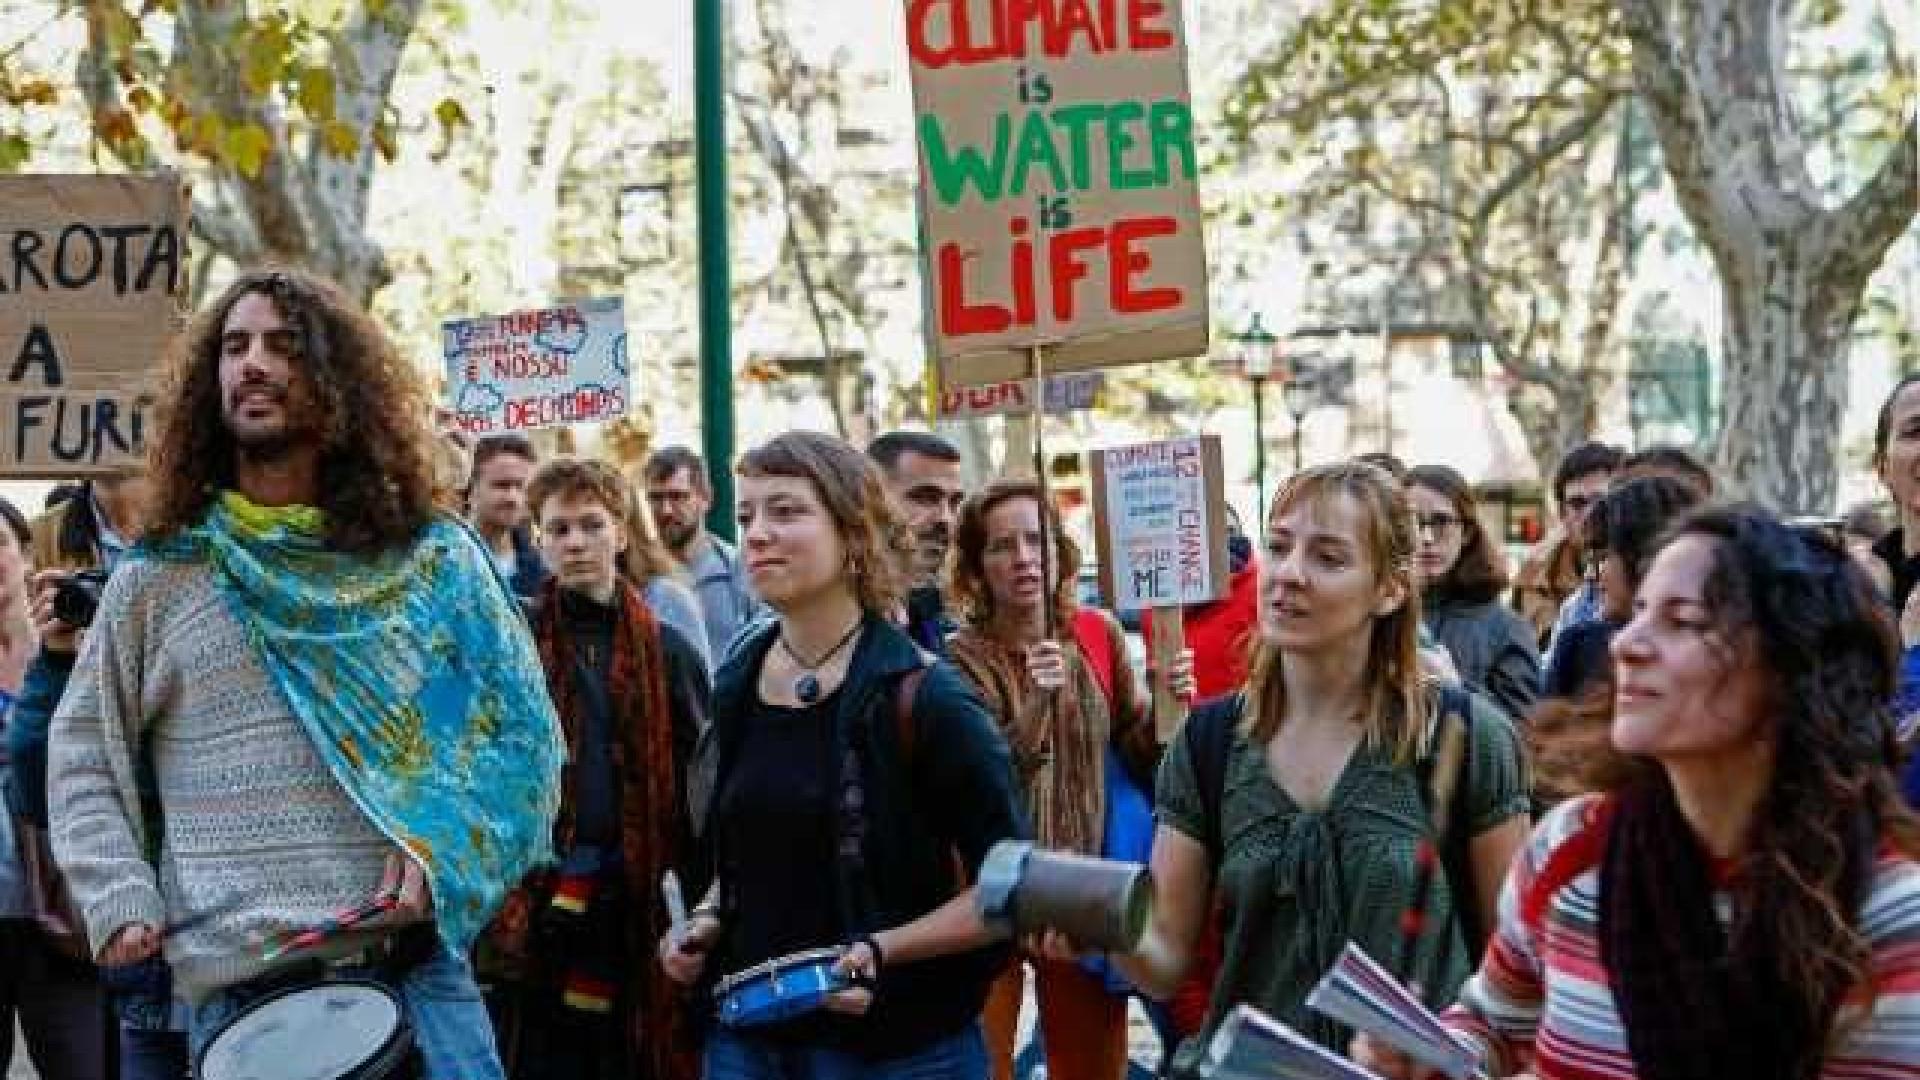 Cerca de 50 manifestantes em Lisboa em defesa do clima